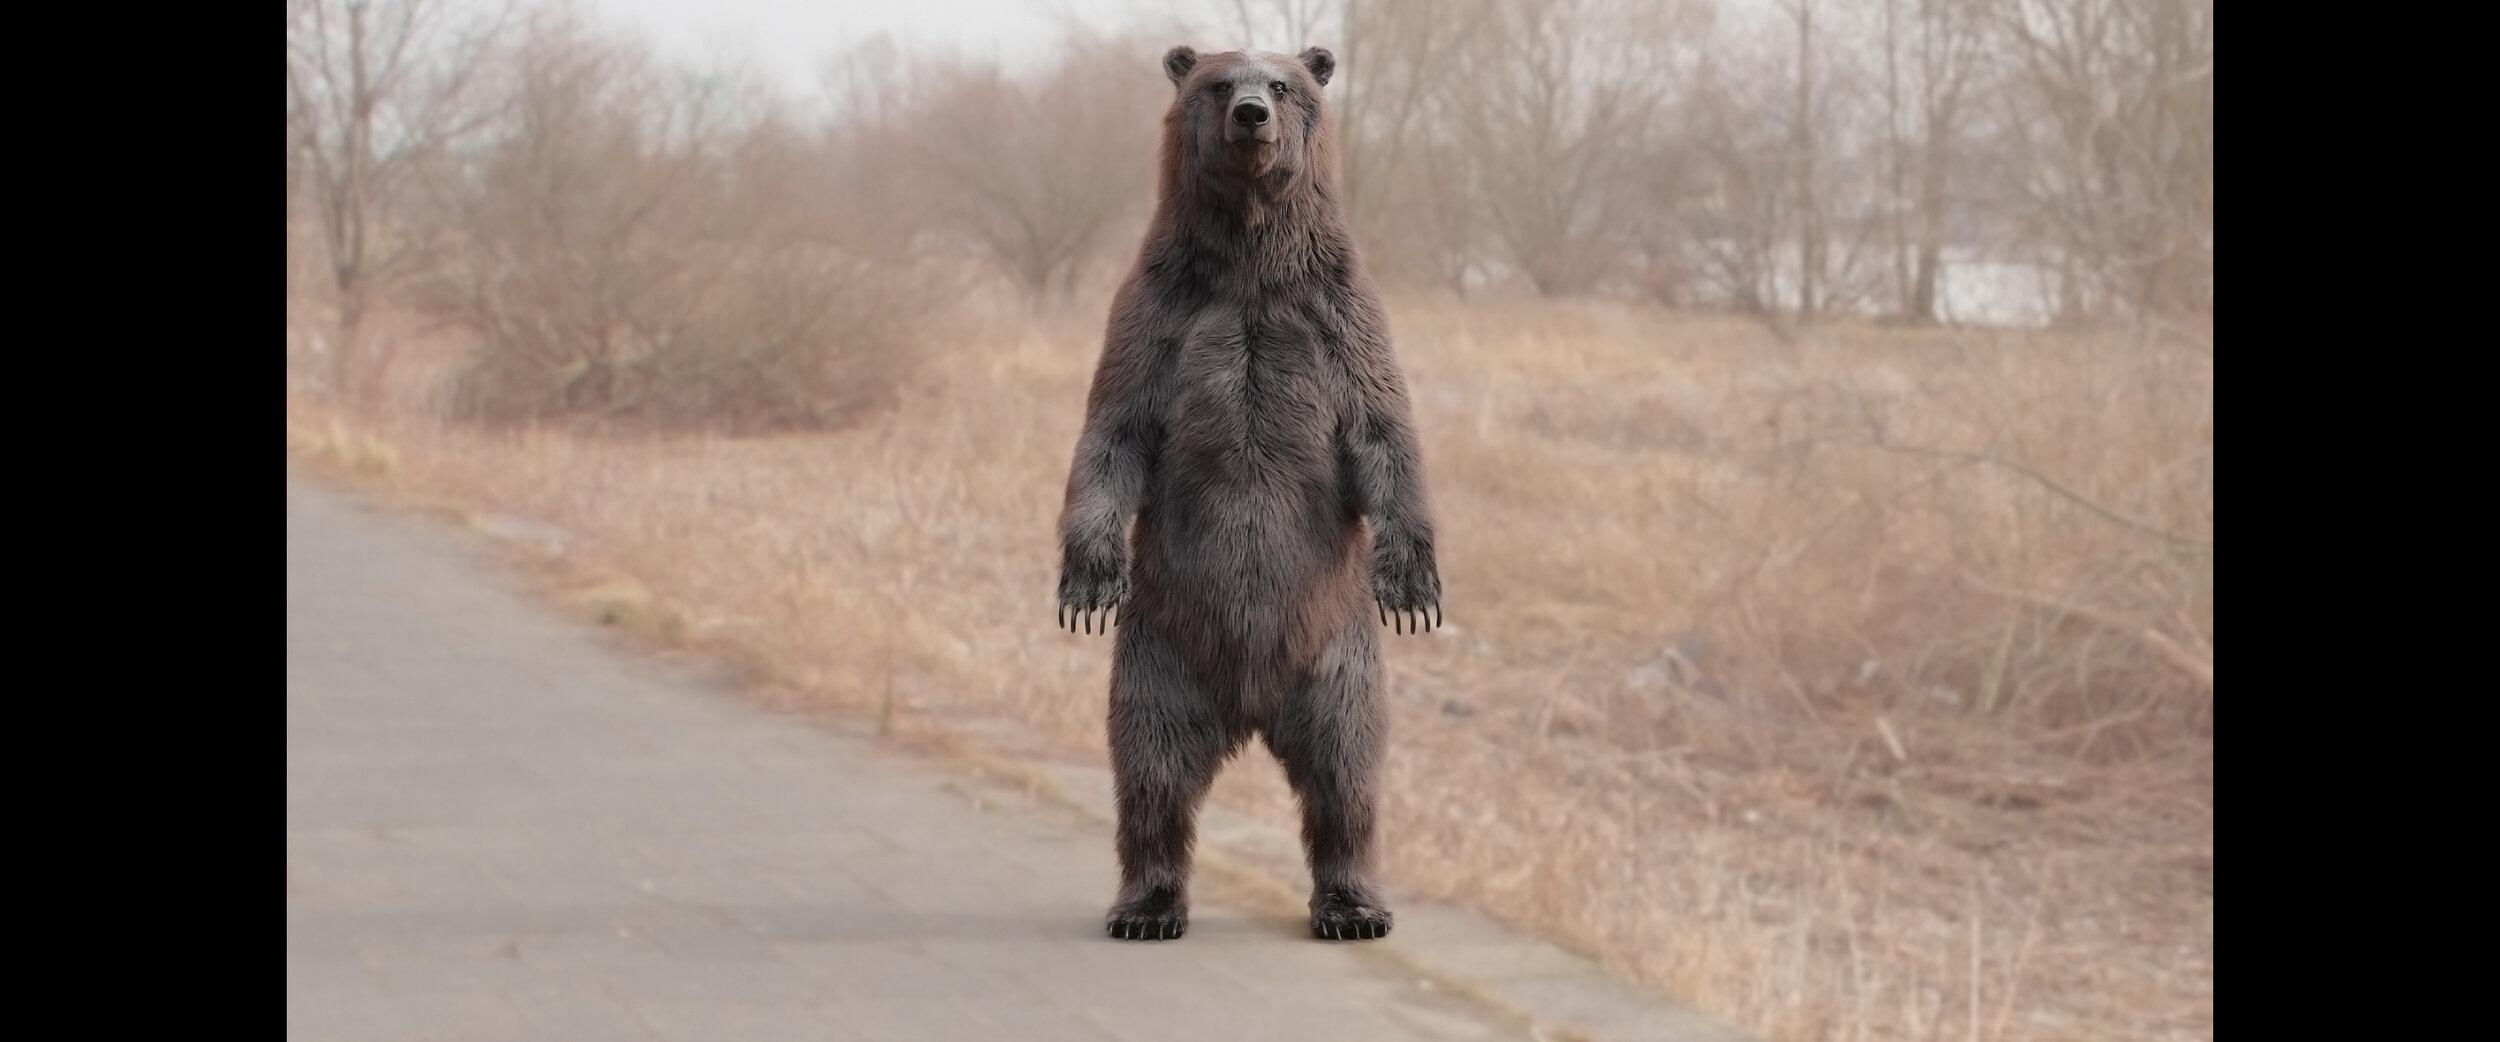 bear_medved_xgen.jpg